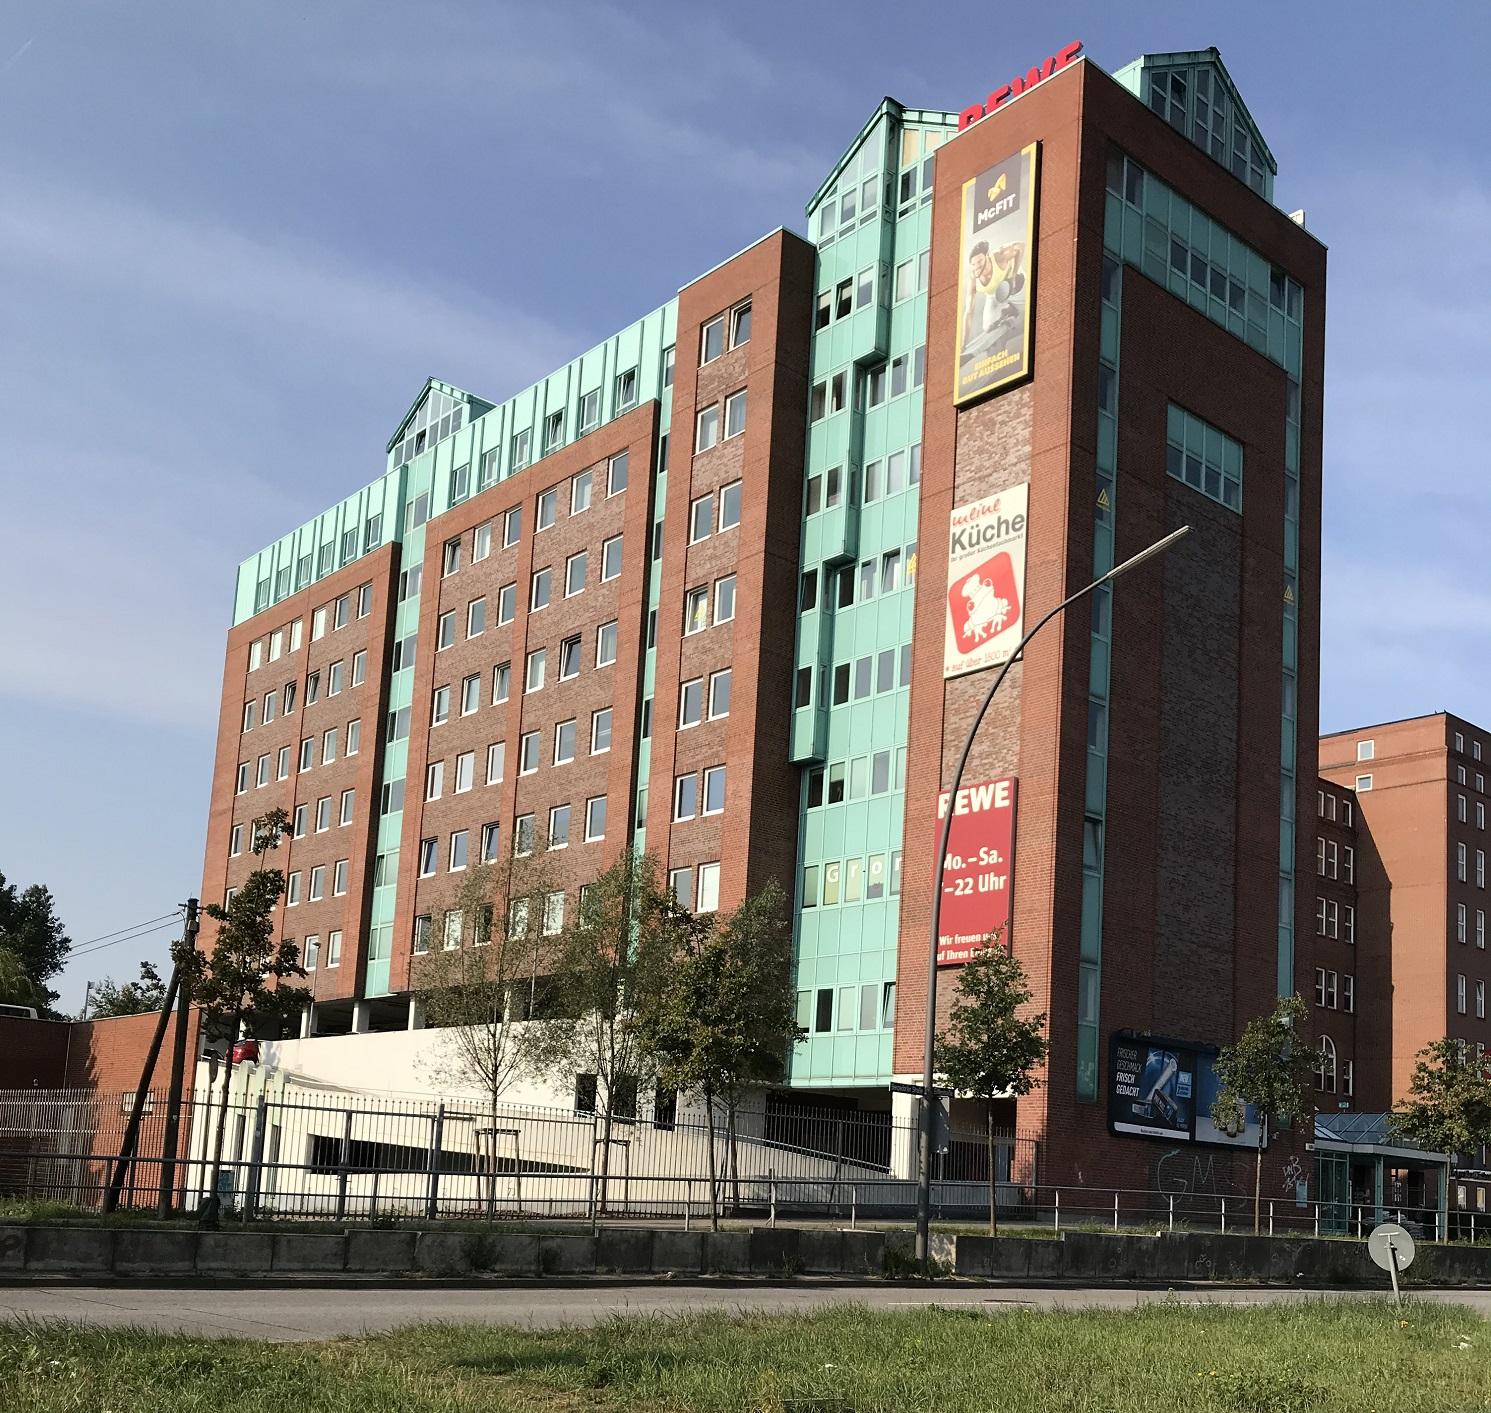 Hamburg Berufseinstiegsbegleiter Mw